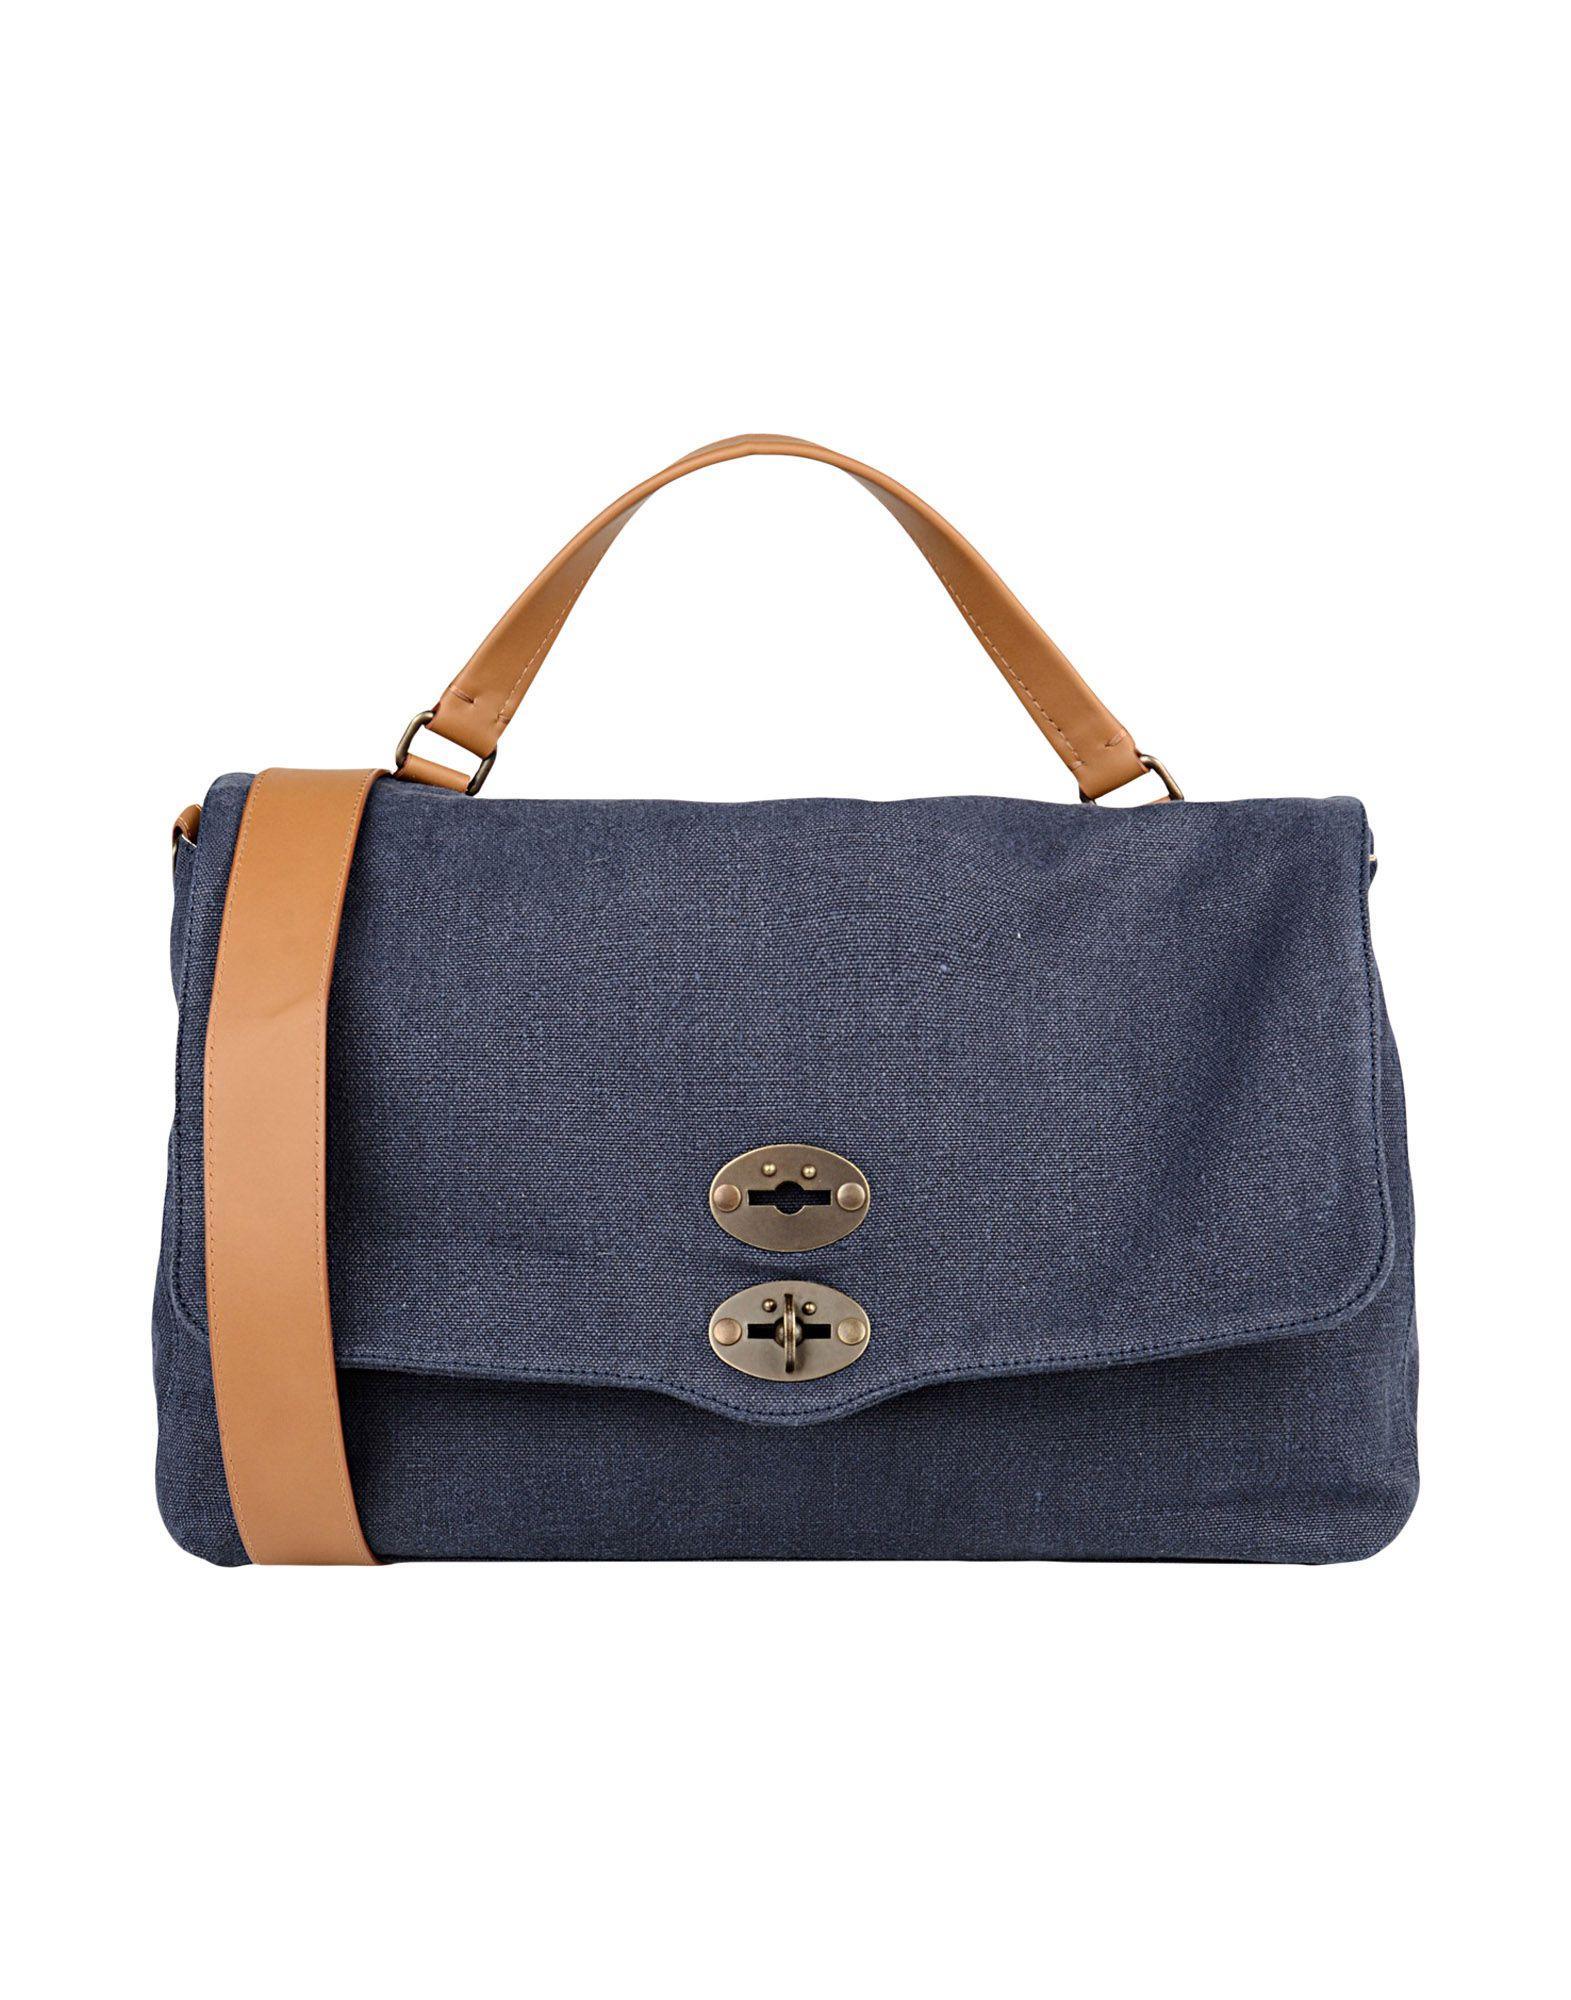 Zanellato Work Bags In Dark Blue